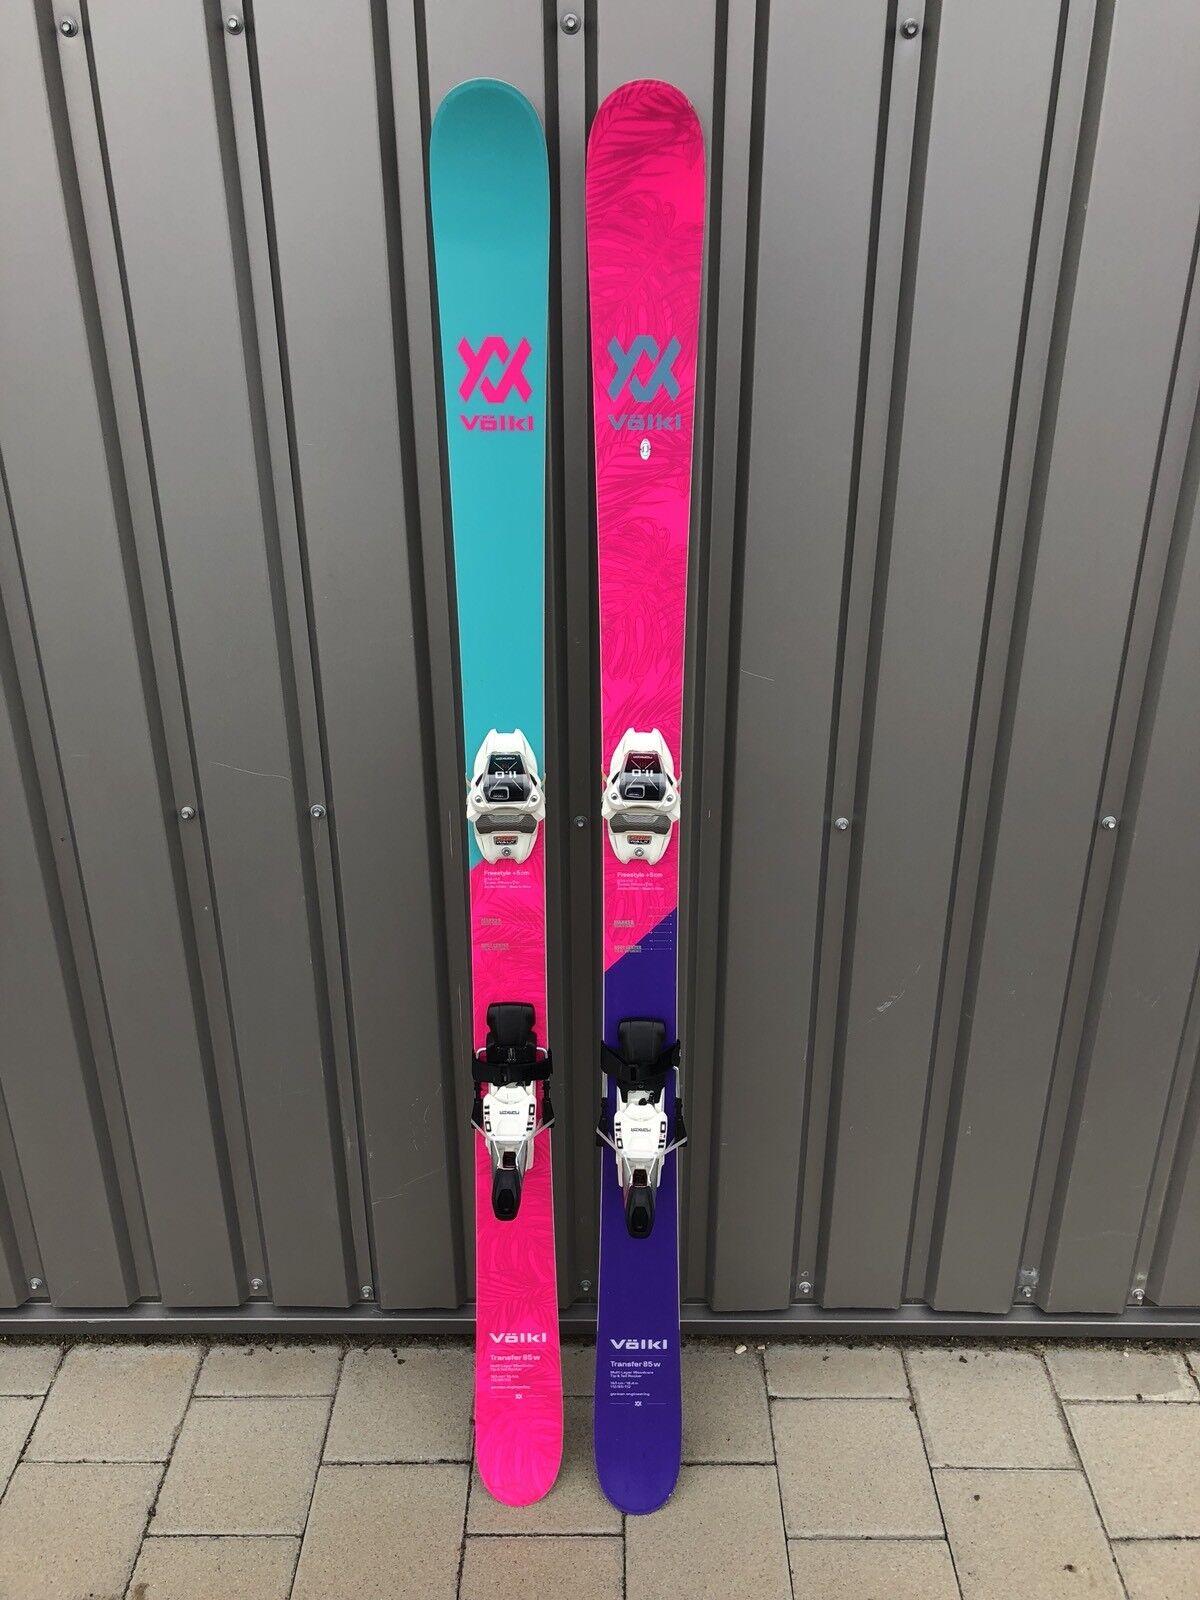 VÖLKL TRANSFER 85W Ski 163cm / MARKER Fastrak 3 3 3 Bindg. Mod. 2015/16 Testski T163 5c7c48